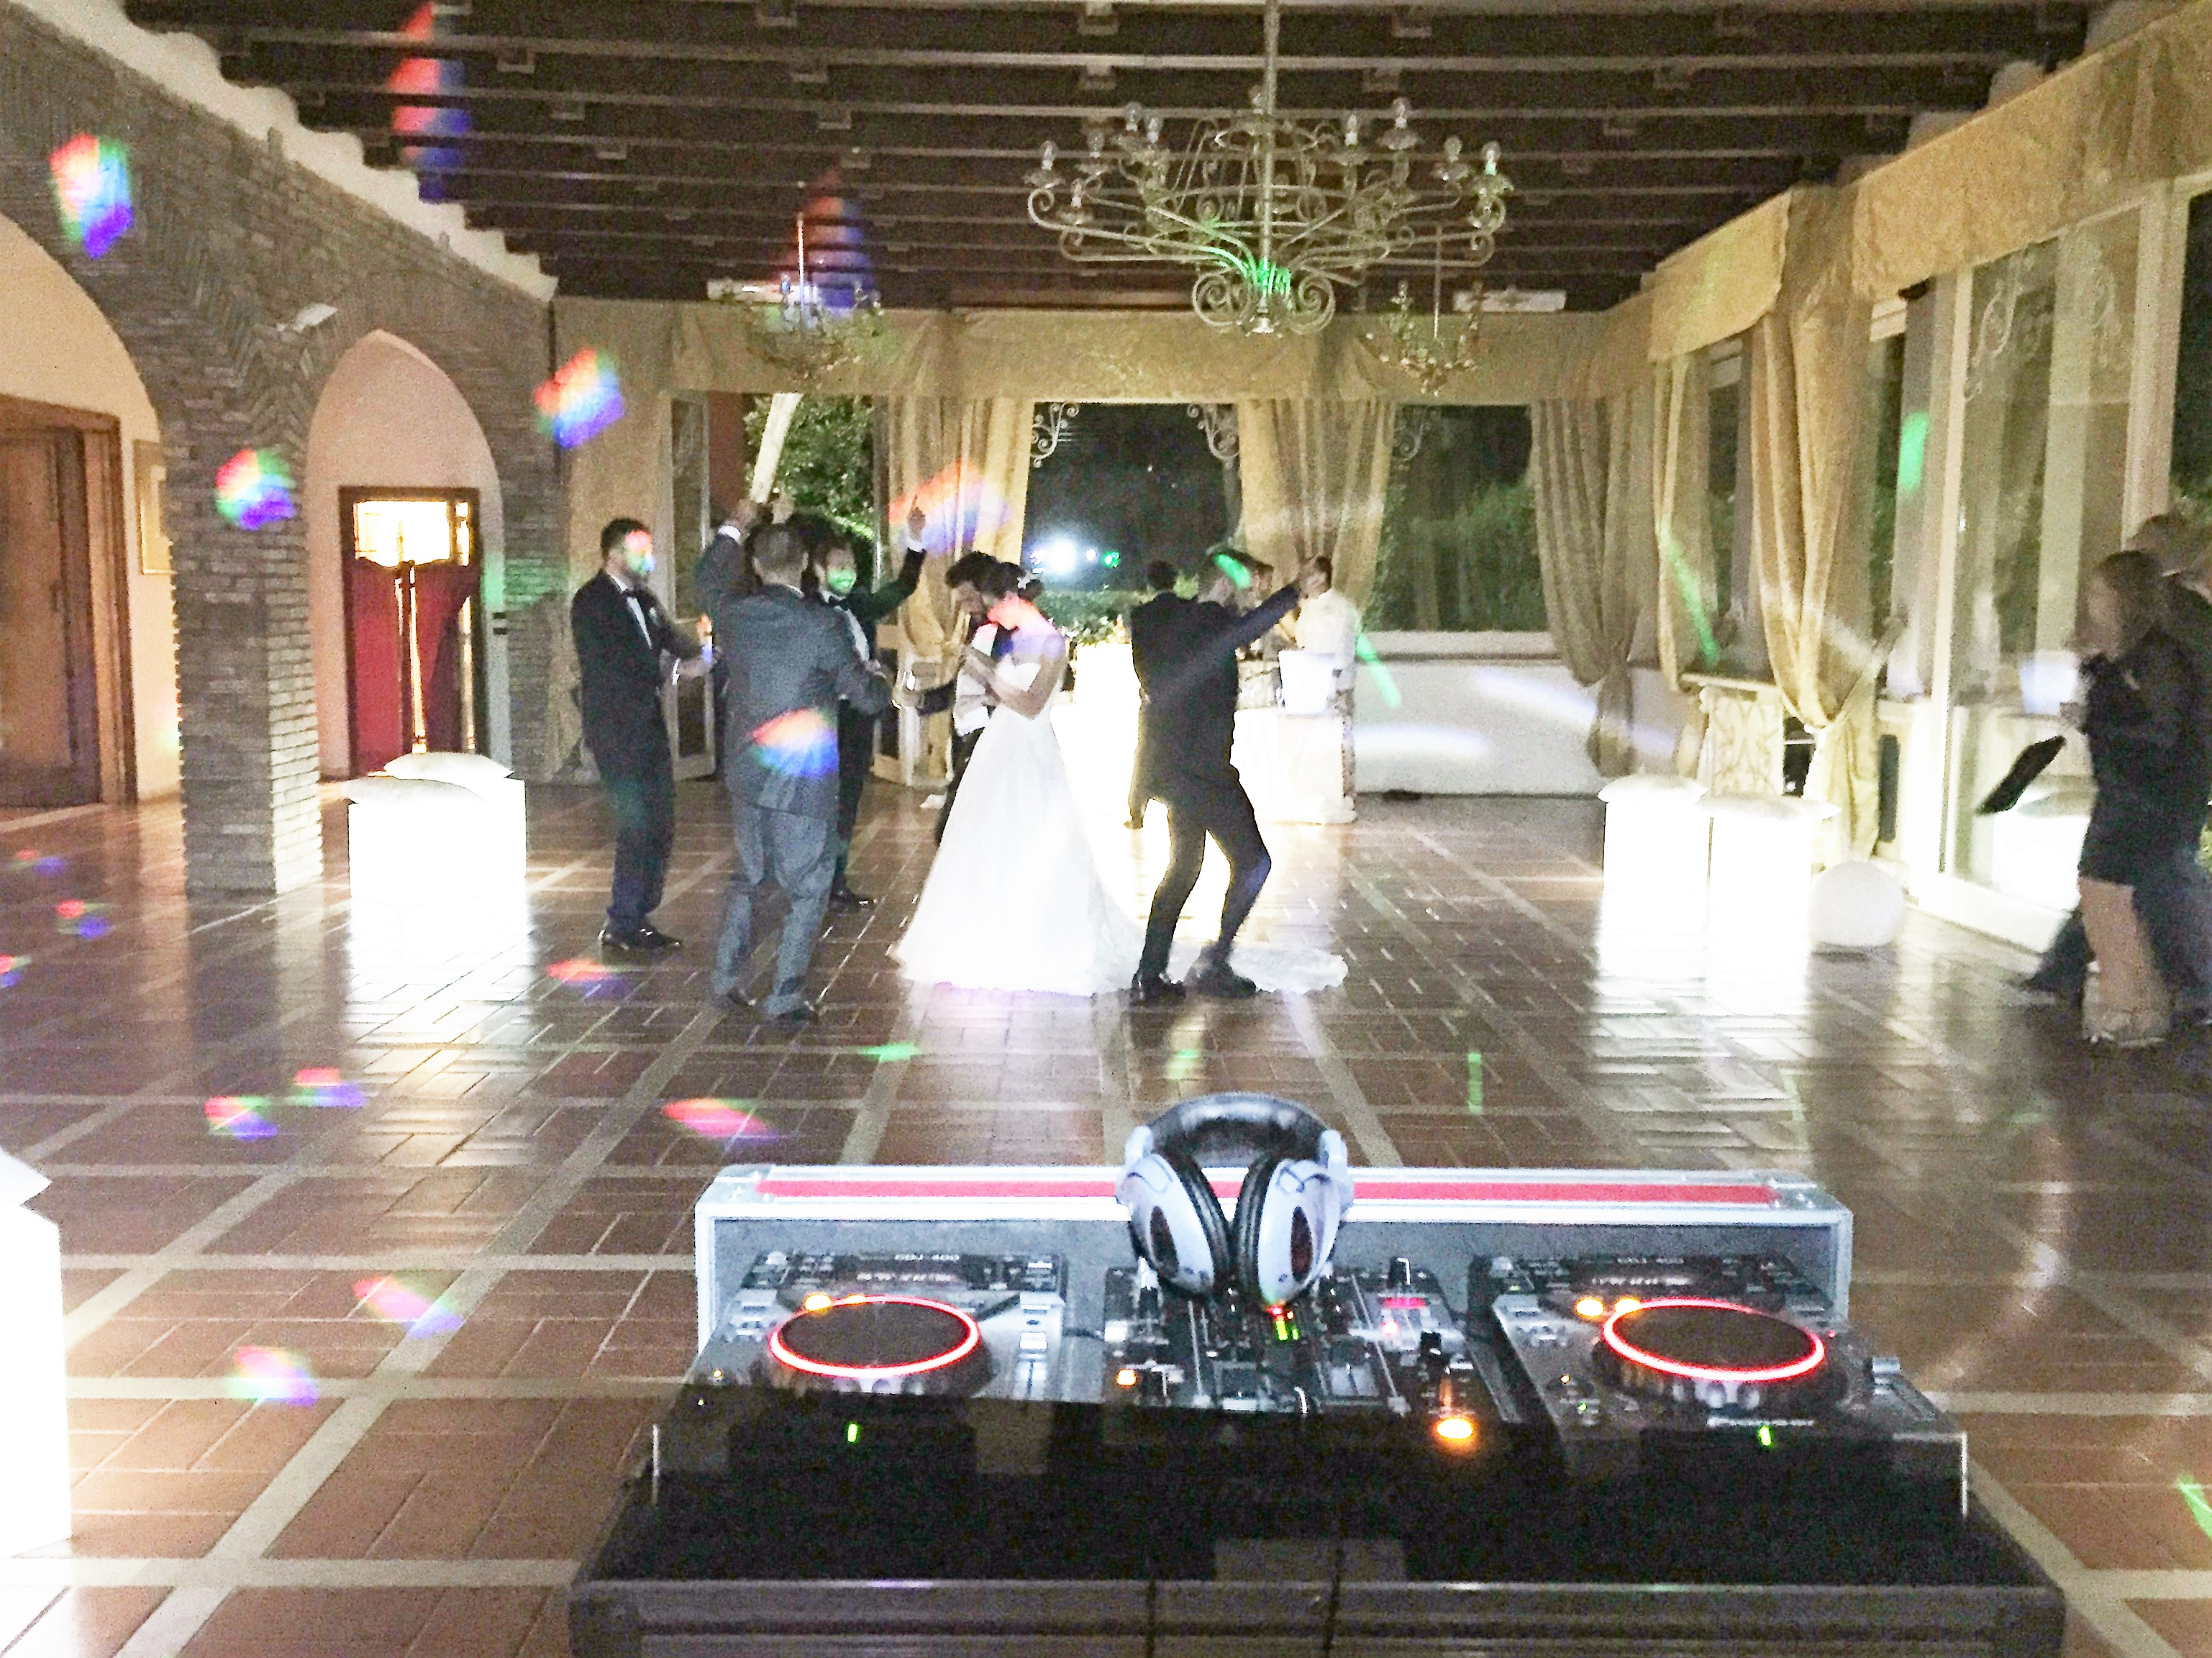 Musica con puff e bar luminosi a Villa Majestic